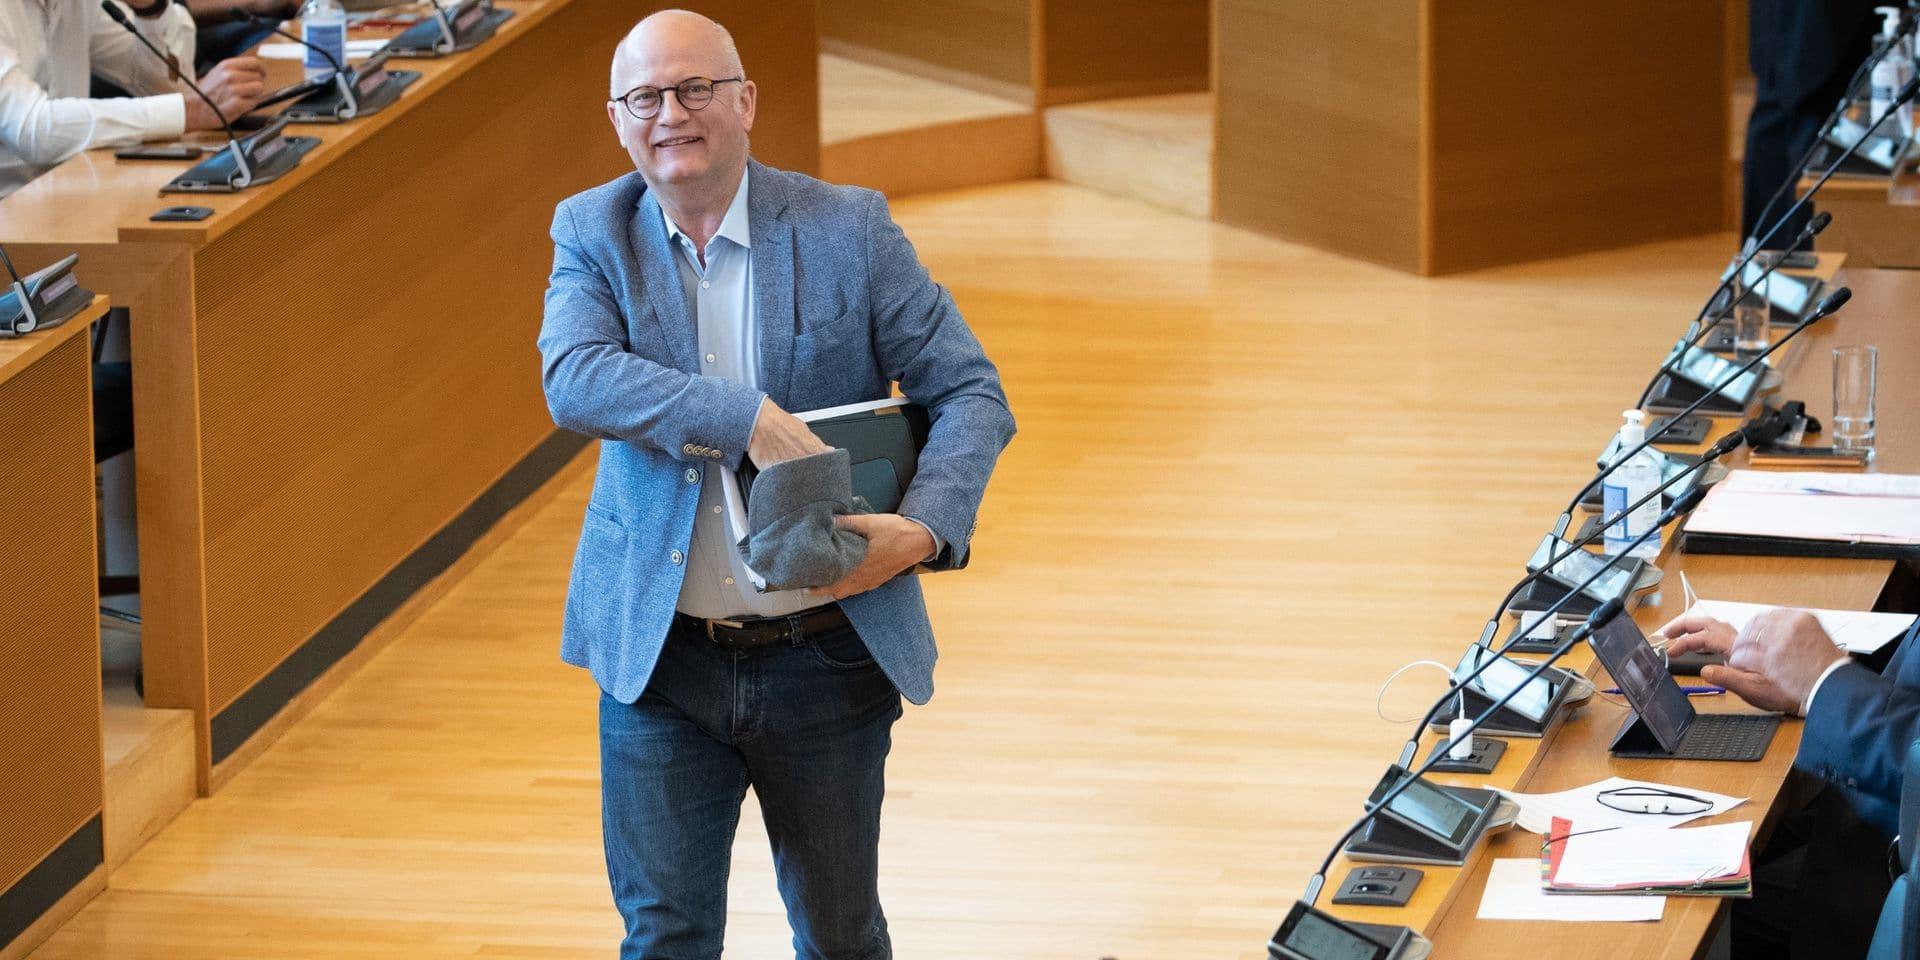 Les besoins de financement de la Wallonie sont désormais couverts, selon Crucke